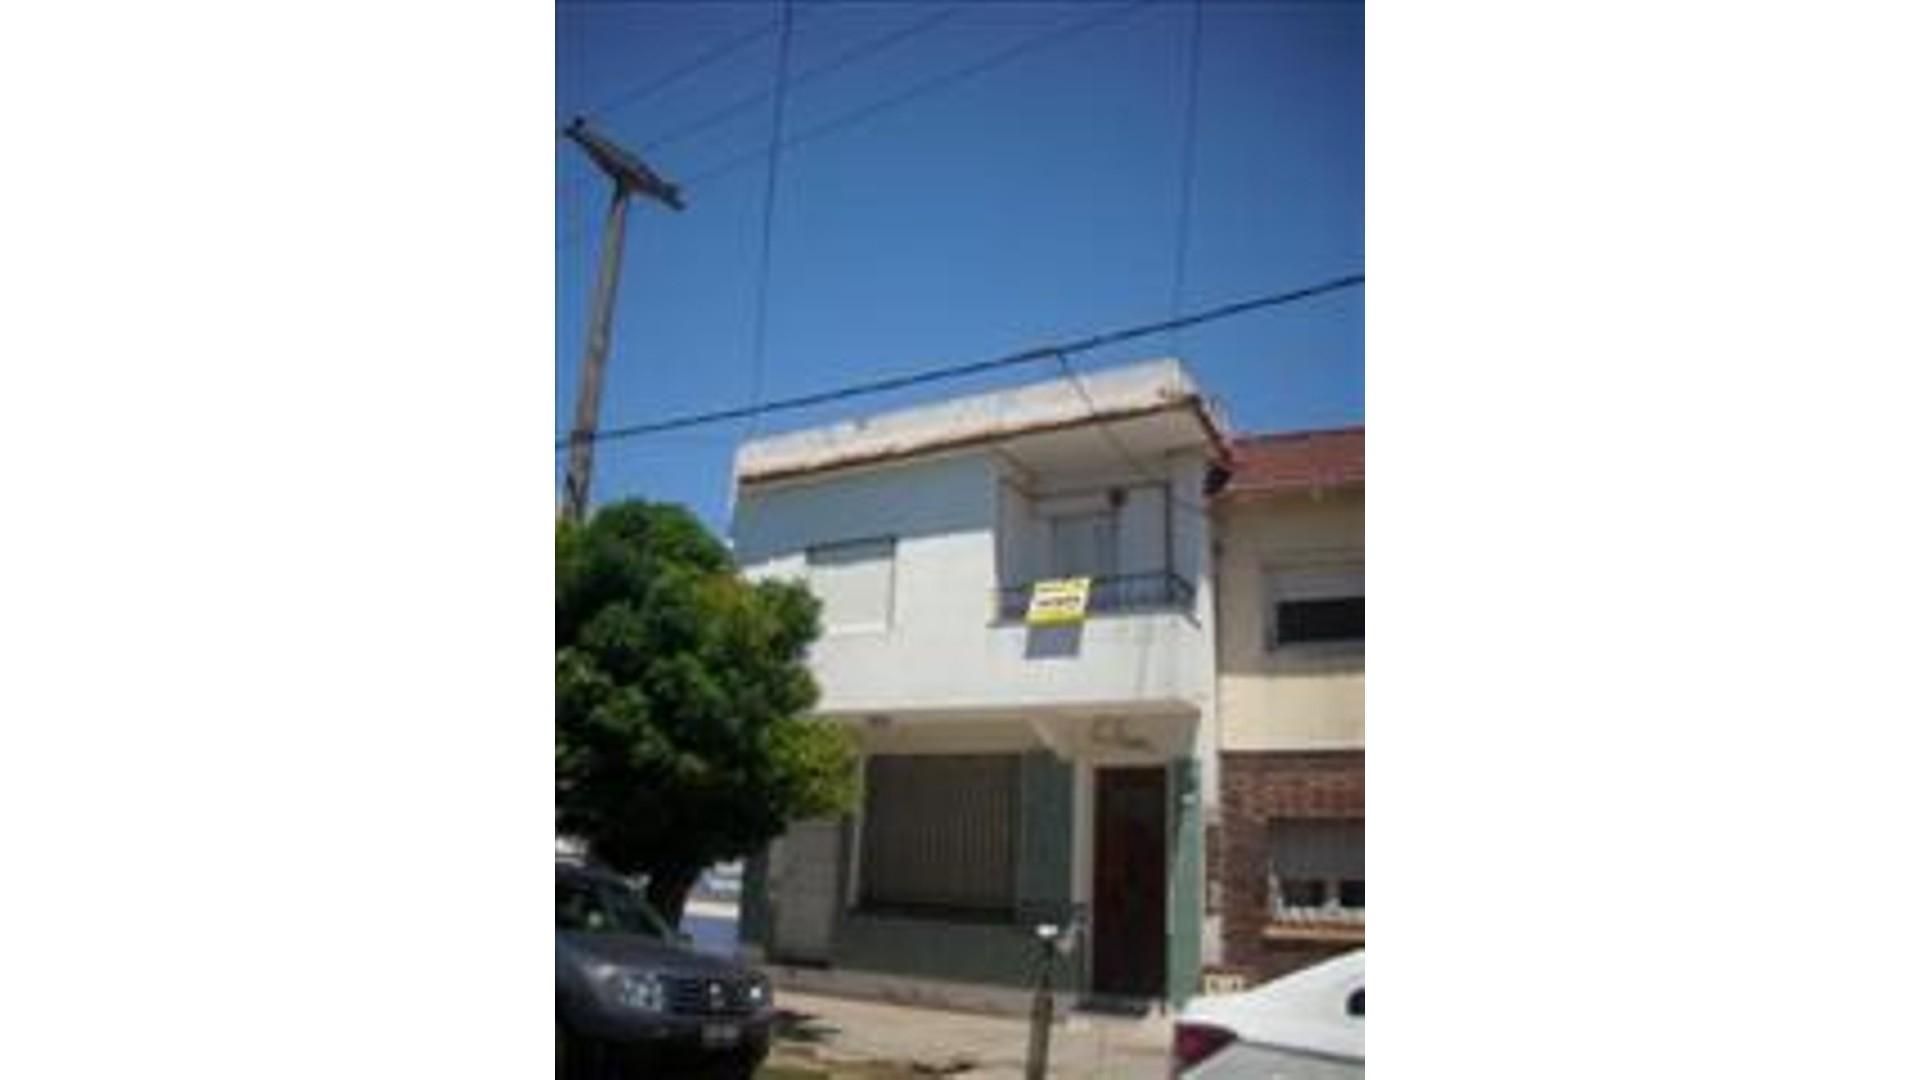 Calle 4 2300 1° - U$D 40.000 - Departamento en Venta